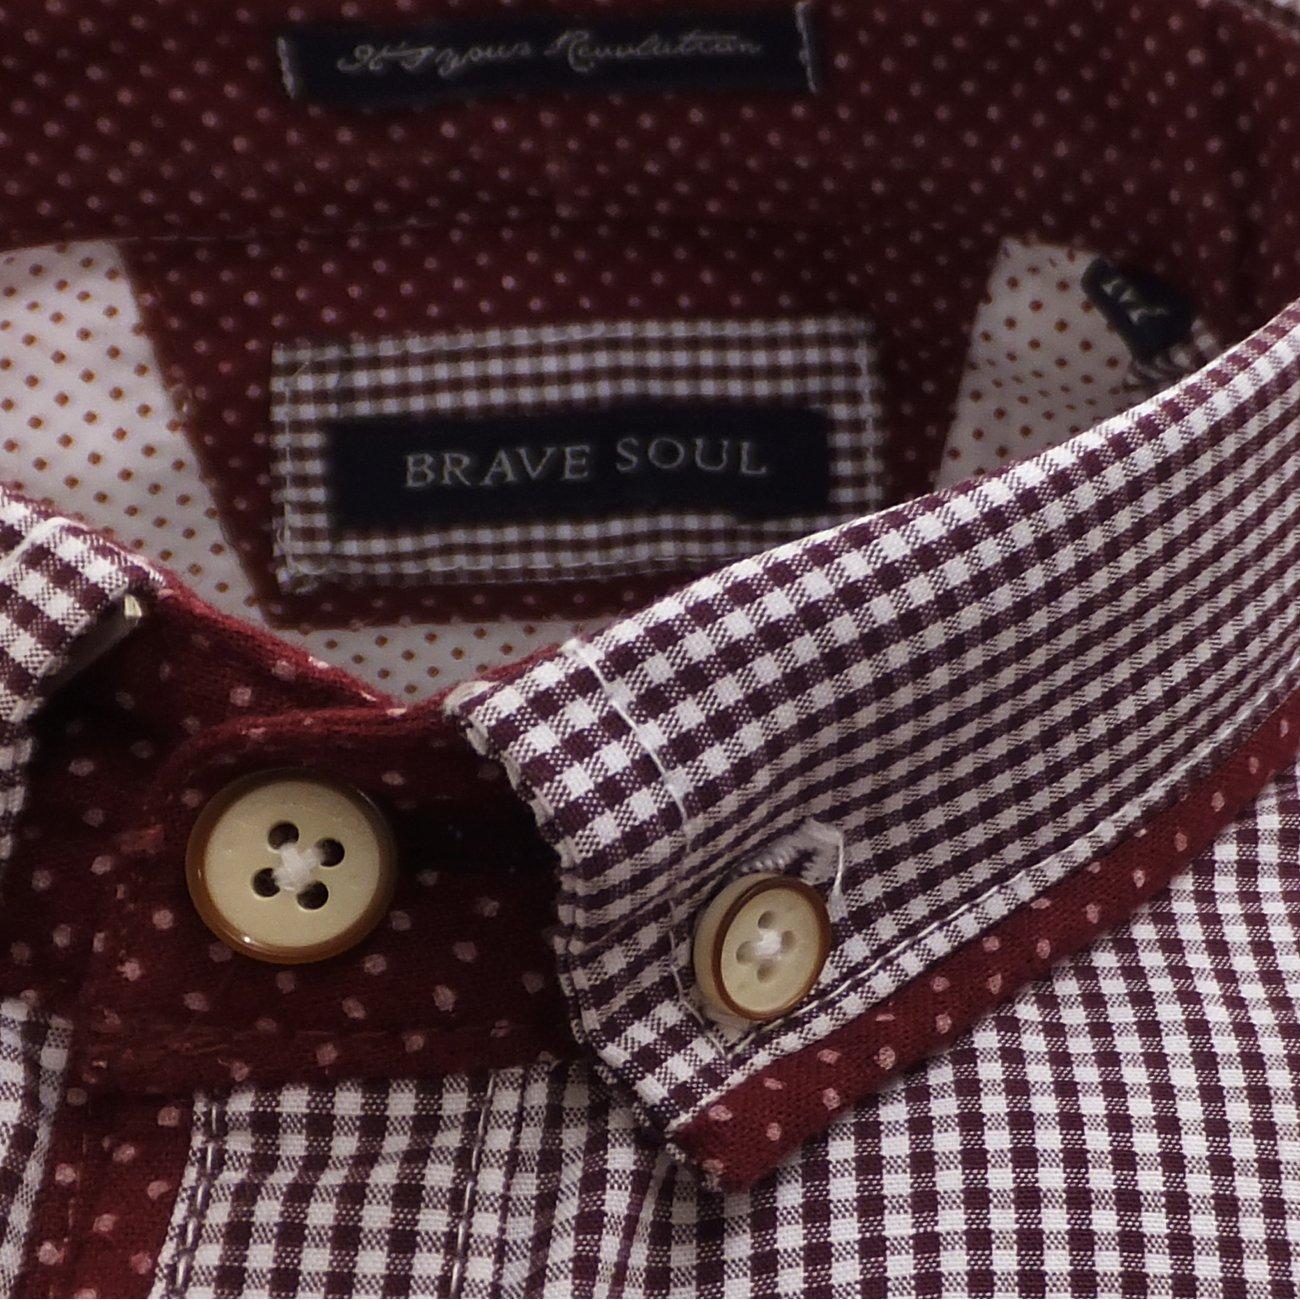 ce6c10fbc1 Para hombre patrones de costura para camisas Brave Gingham Check Soul  camiseta de manga corta S M L y XL  Amazon.es  Ropa y accesorios